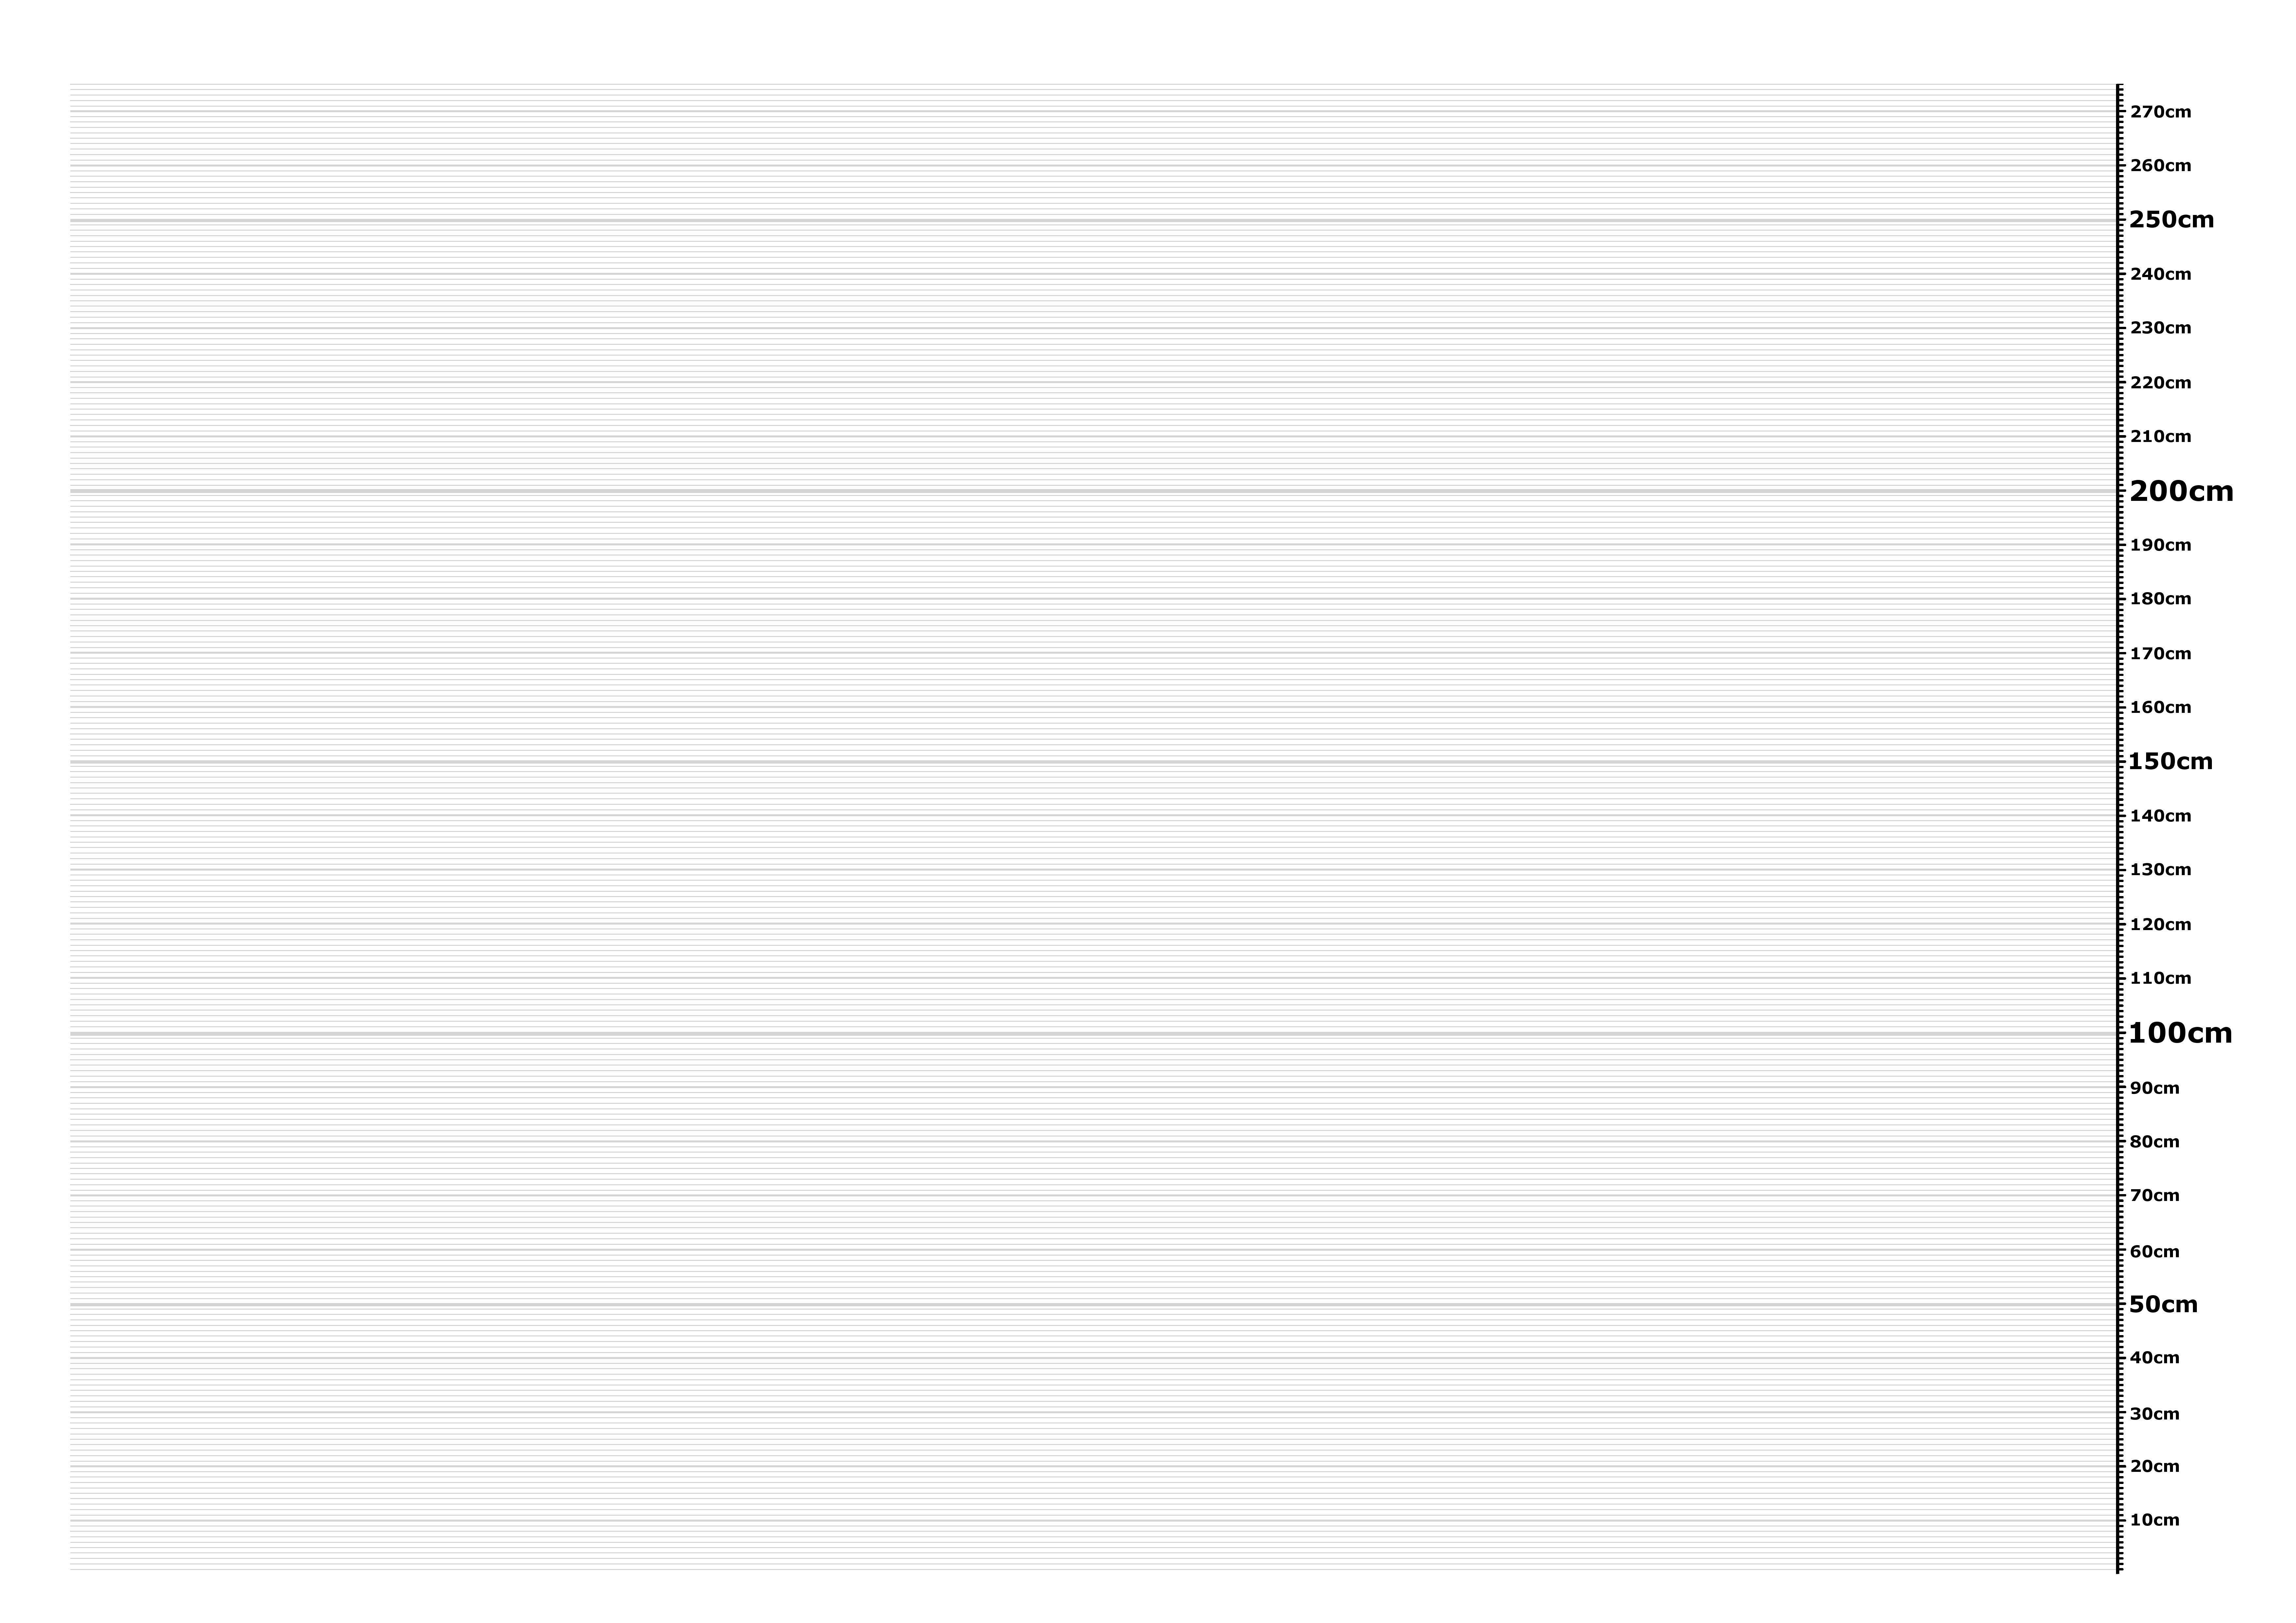 printable height chart